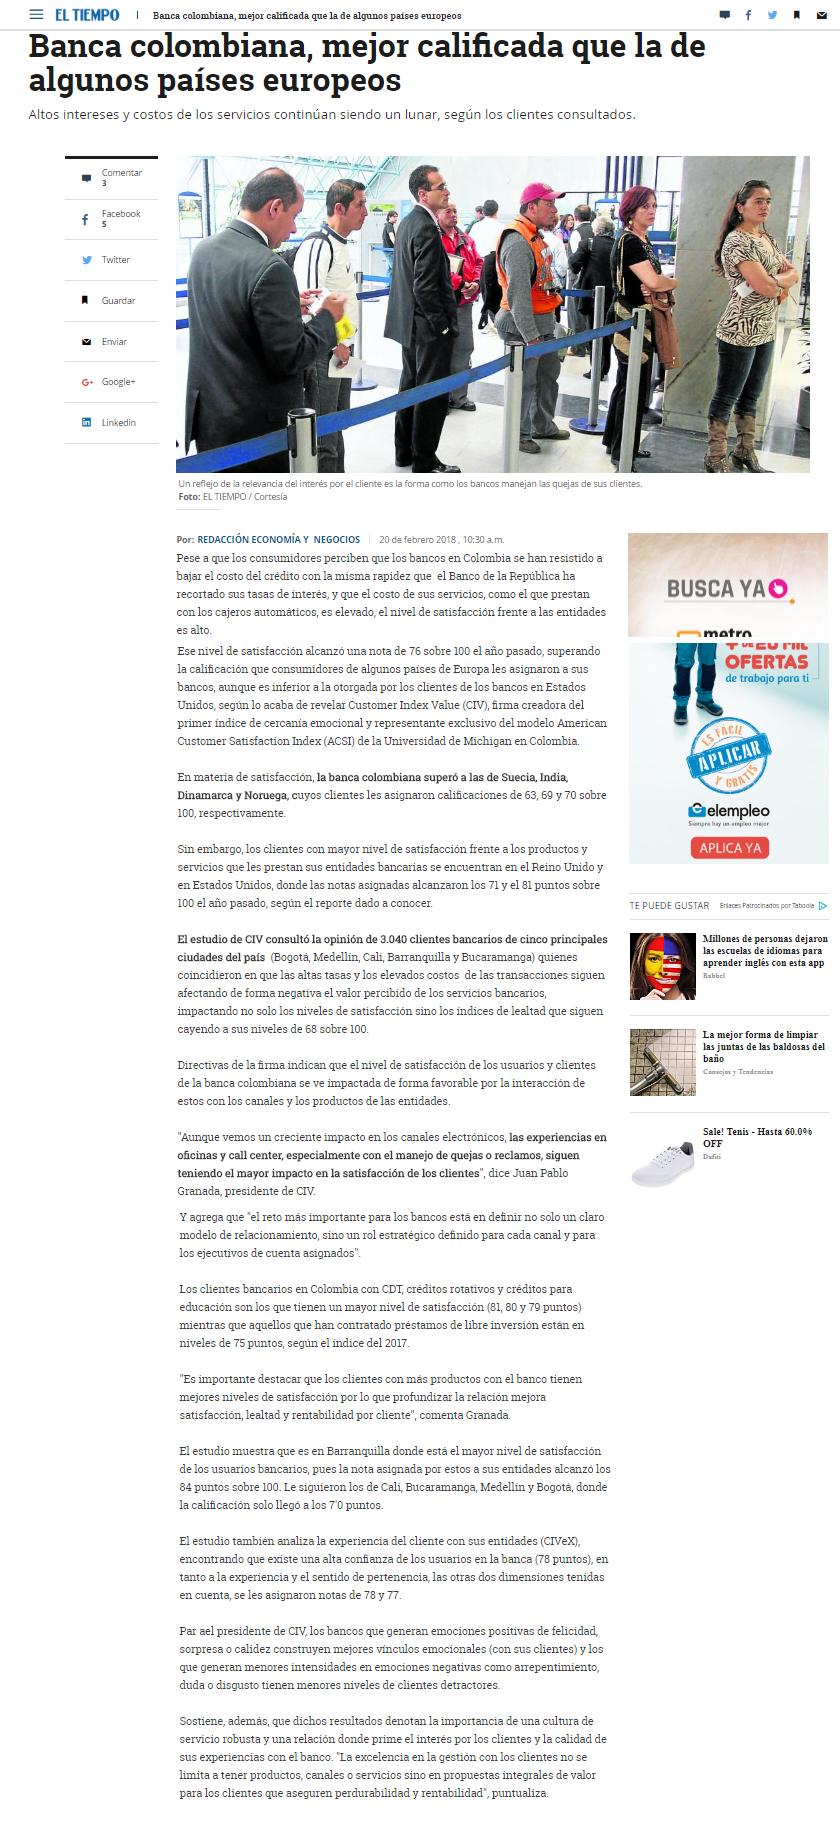 Banca colombiana, mejor calificada que la de algunos países europeos